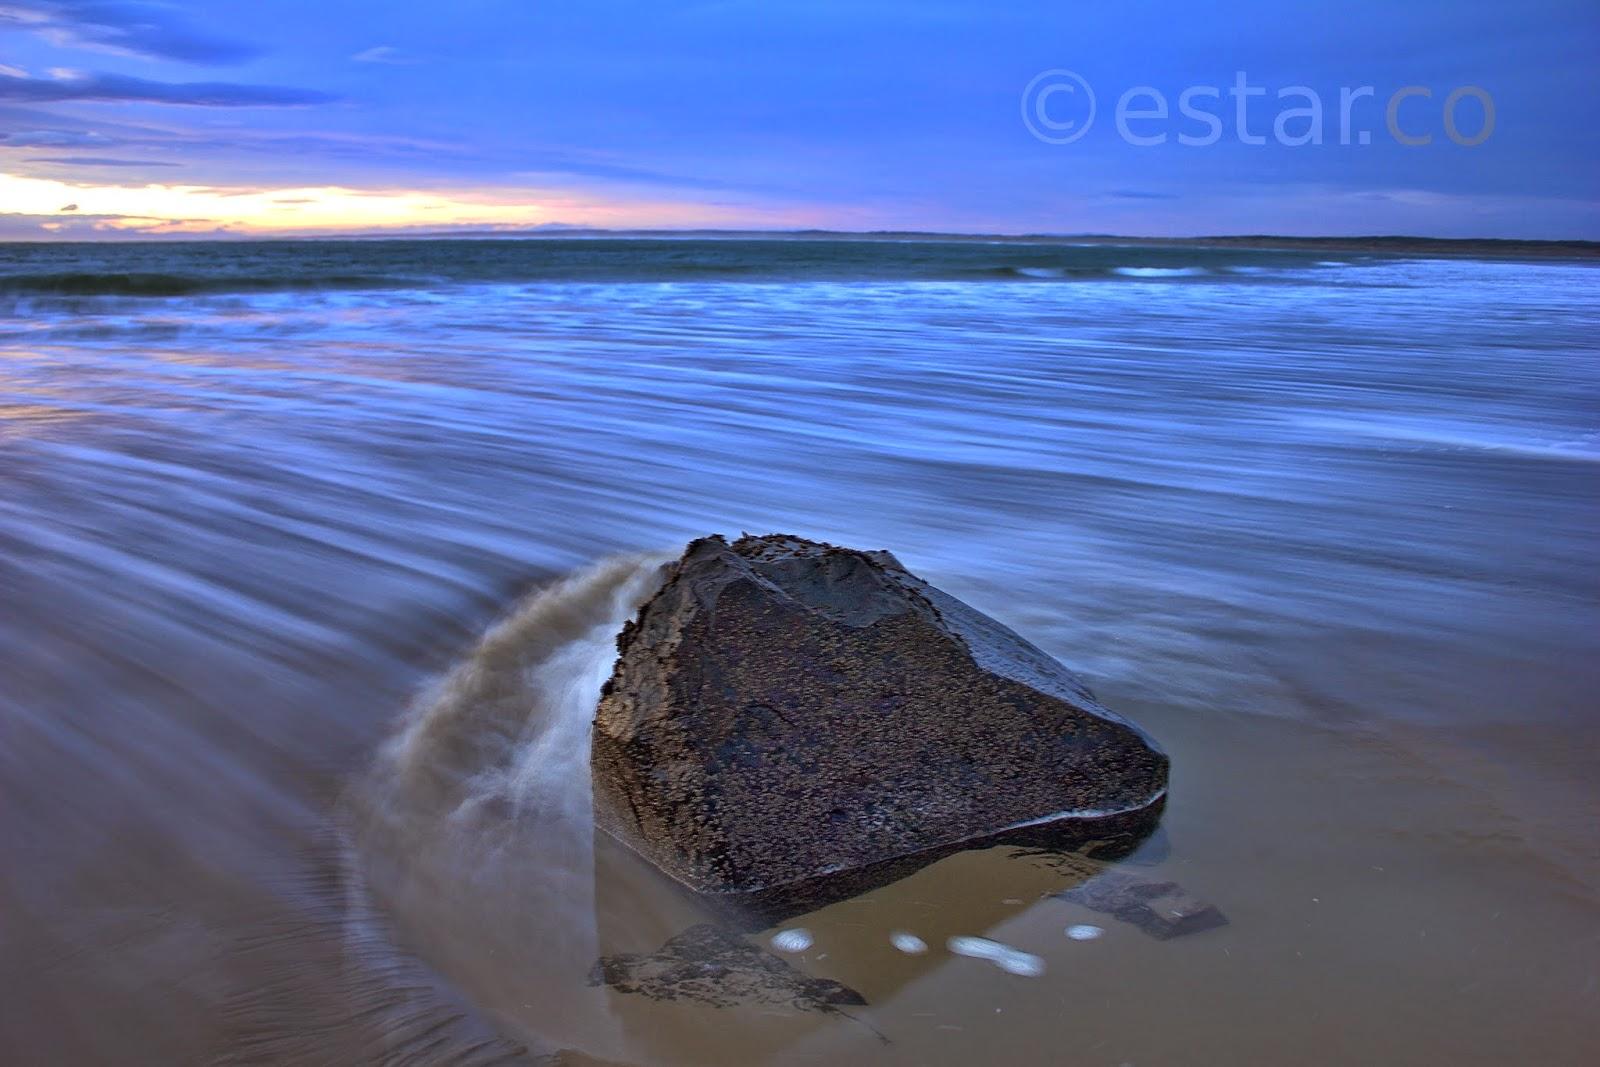 Long exposure shot of the ocean